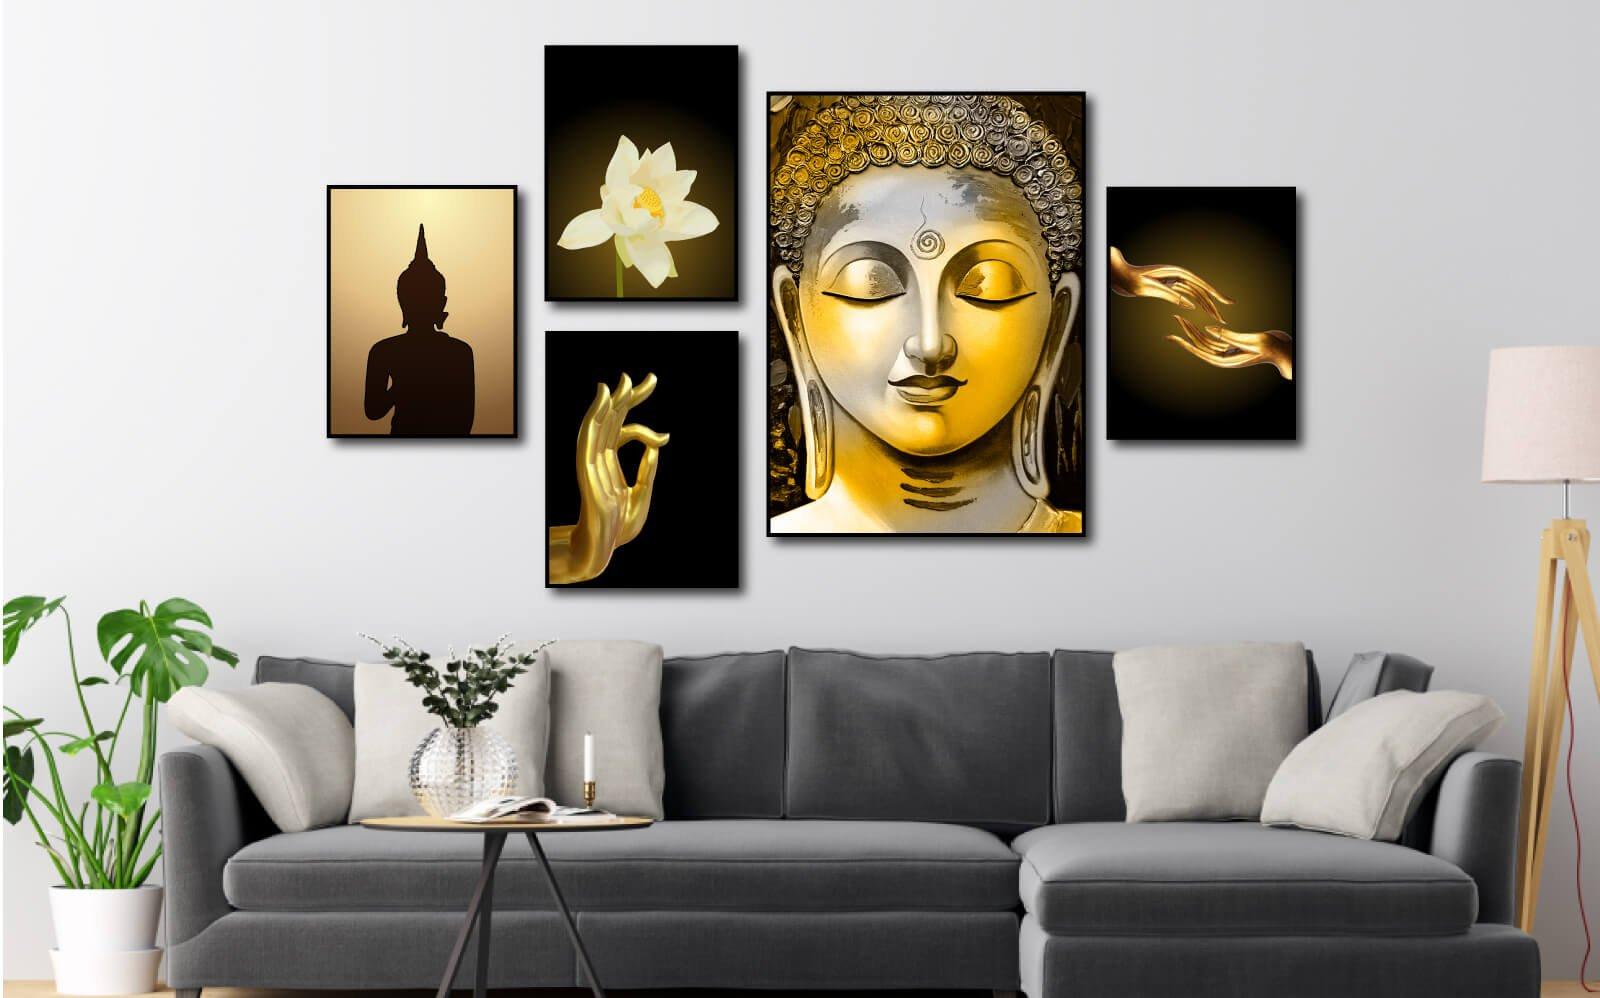 Tranh thiết kế ốp sát tường khi treo, tạo vẻ đẹp sang trọng phù hợp với mọi không gian